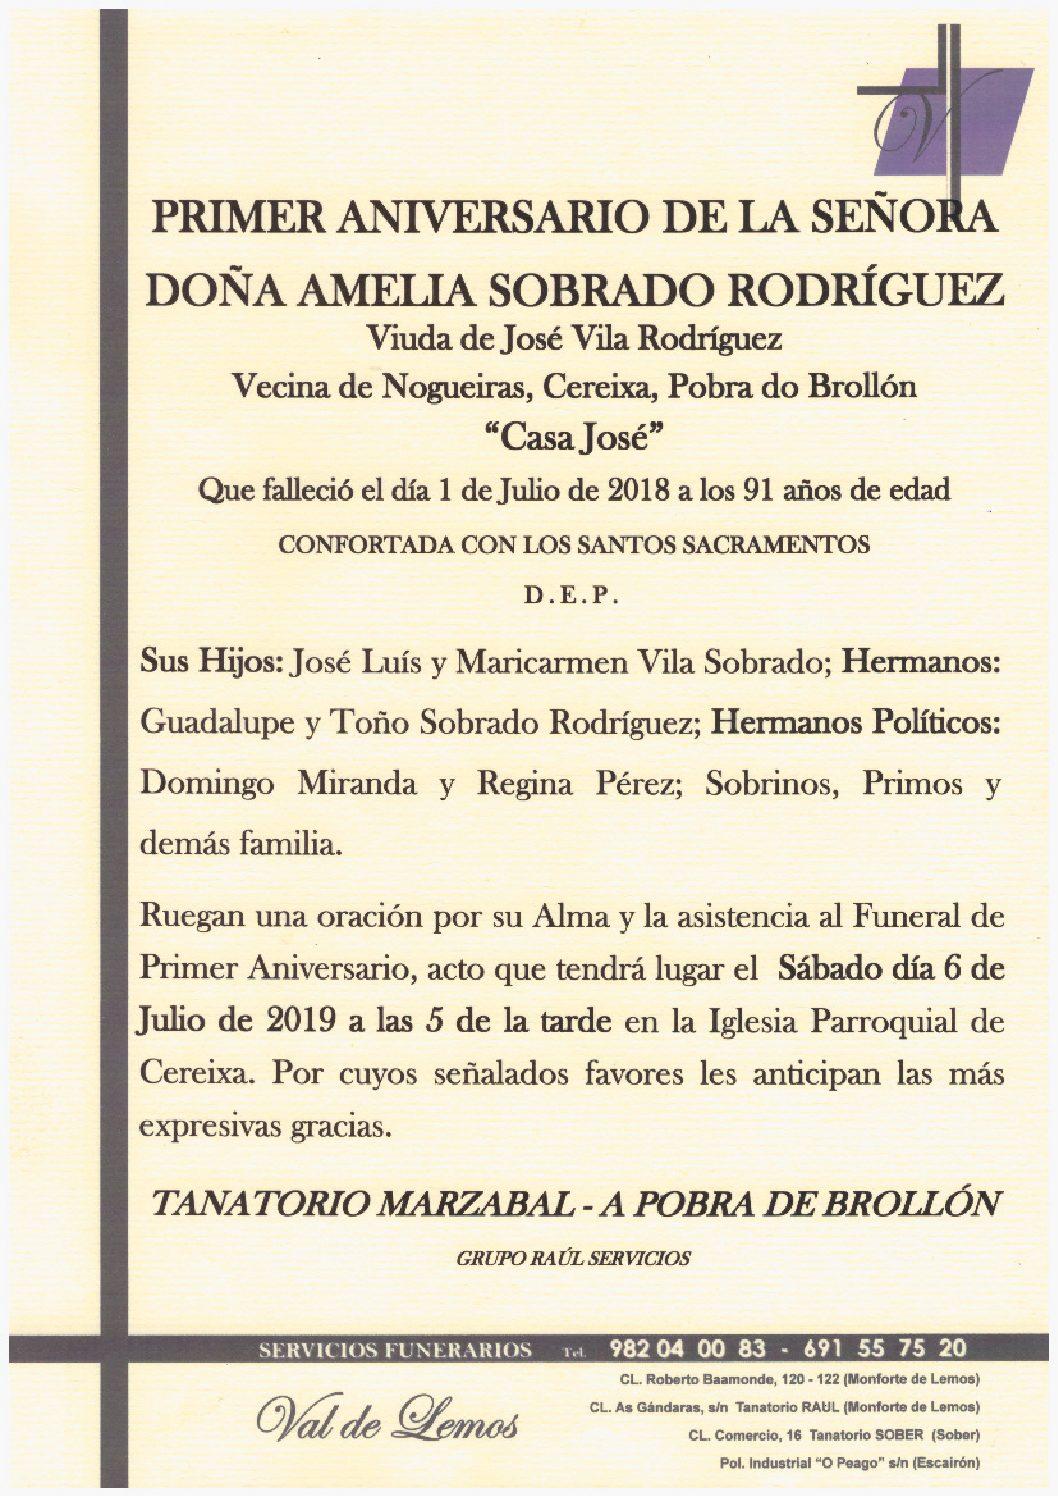 PRIMER ANIVERSARIO DE DOÑA AMELIA SOBRADO RODRIGUEZ